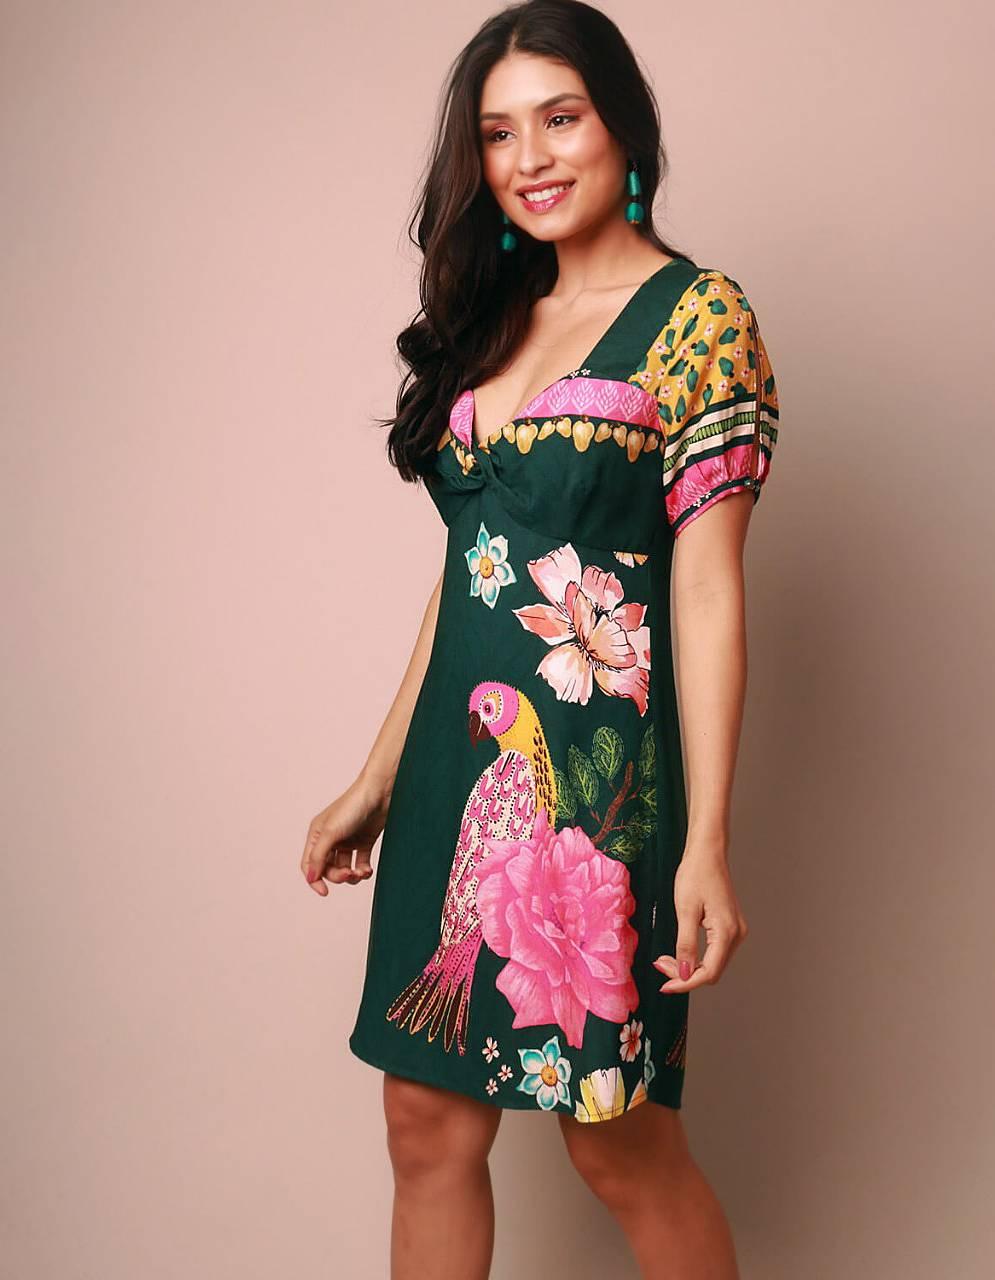 Vestido verano corto blanco o verde escote en V y estampa tropical Malagueta-72051MAL-A